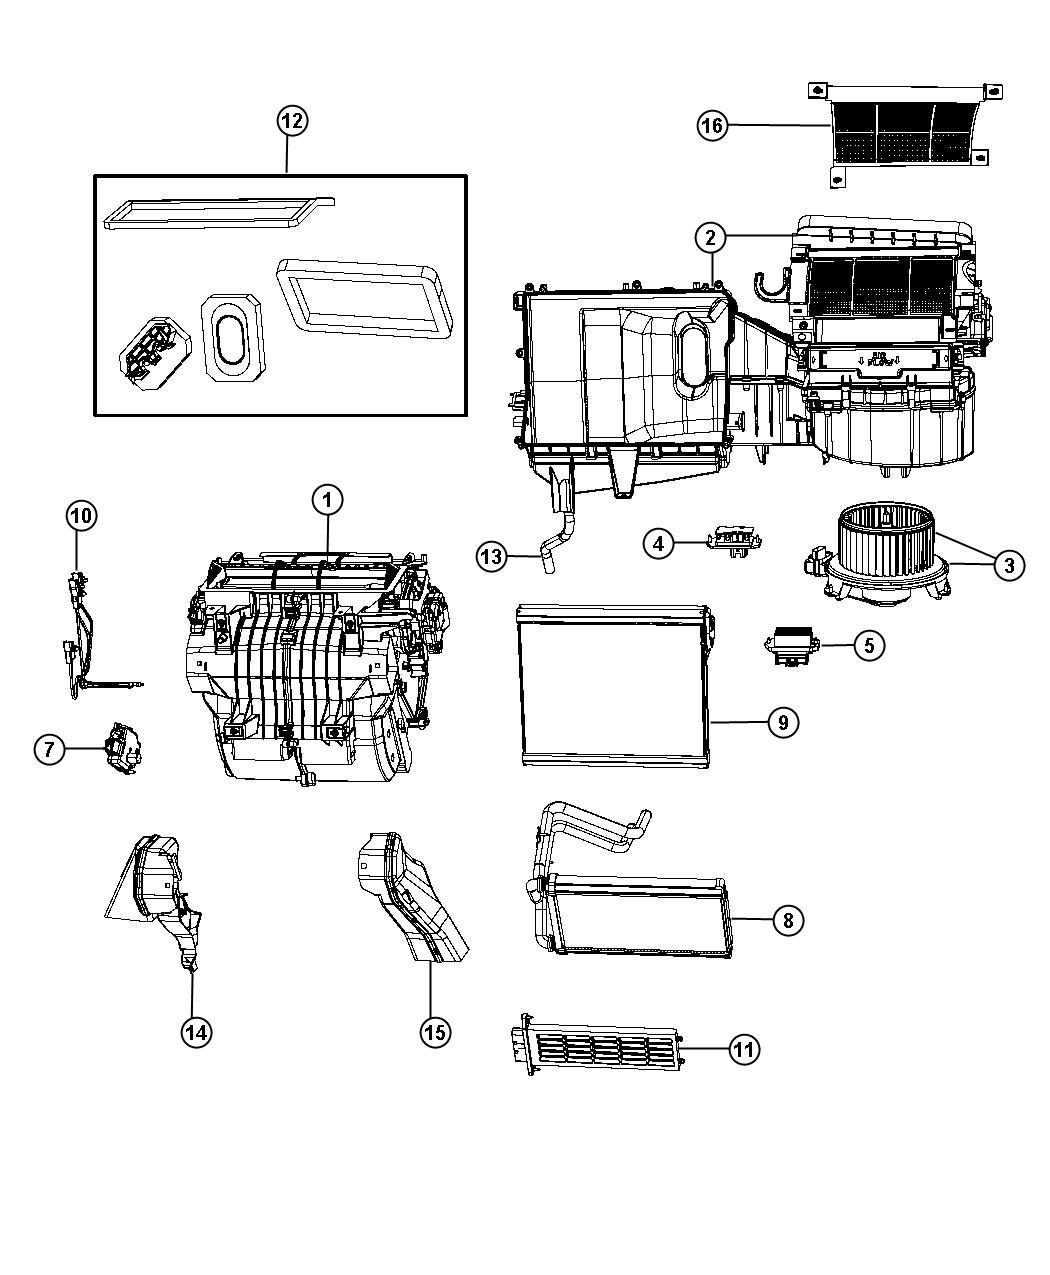 96 4 3 vortec pcm wiring diagram